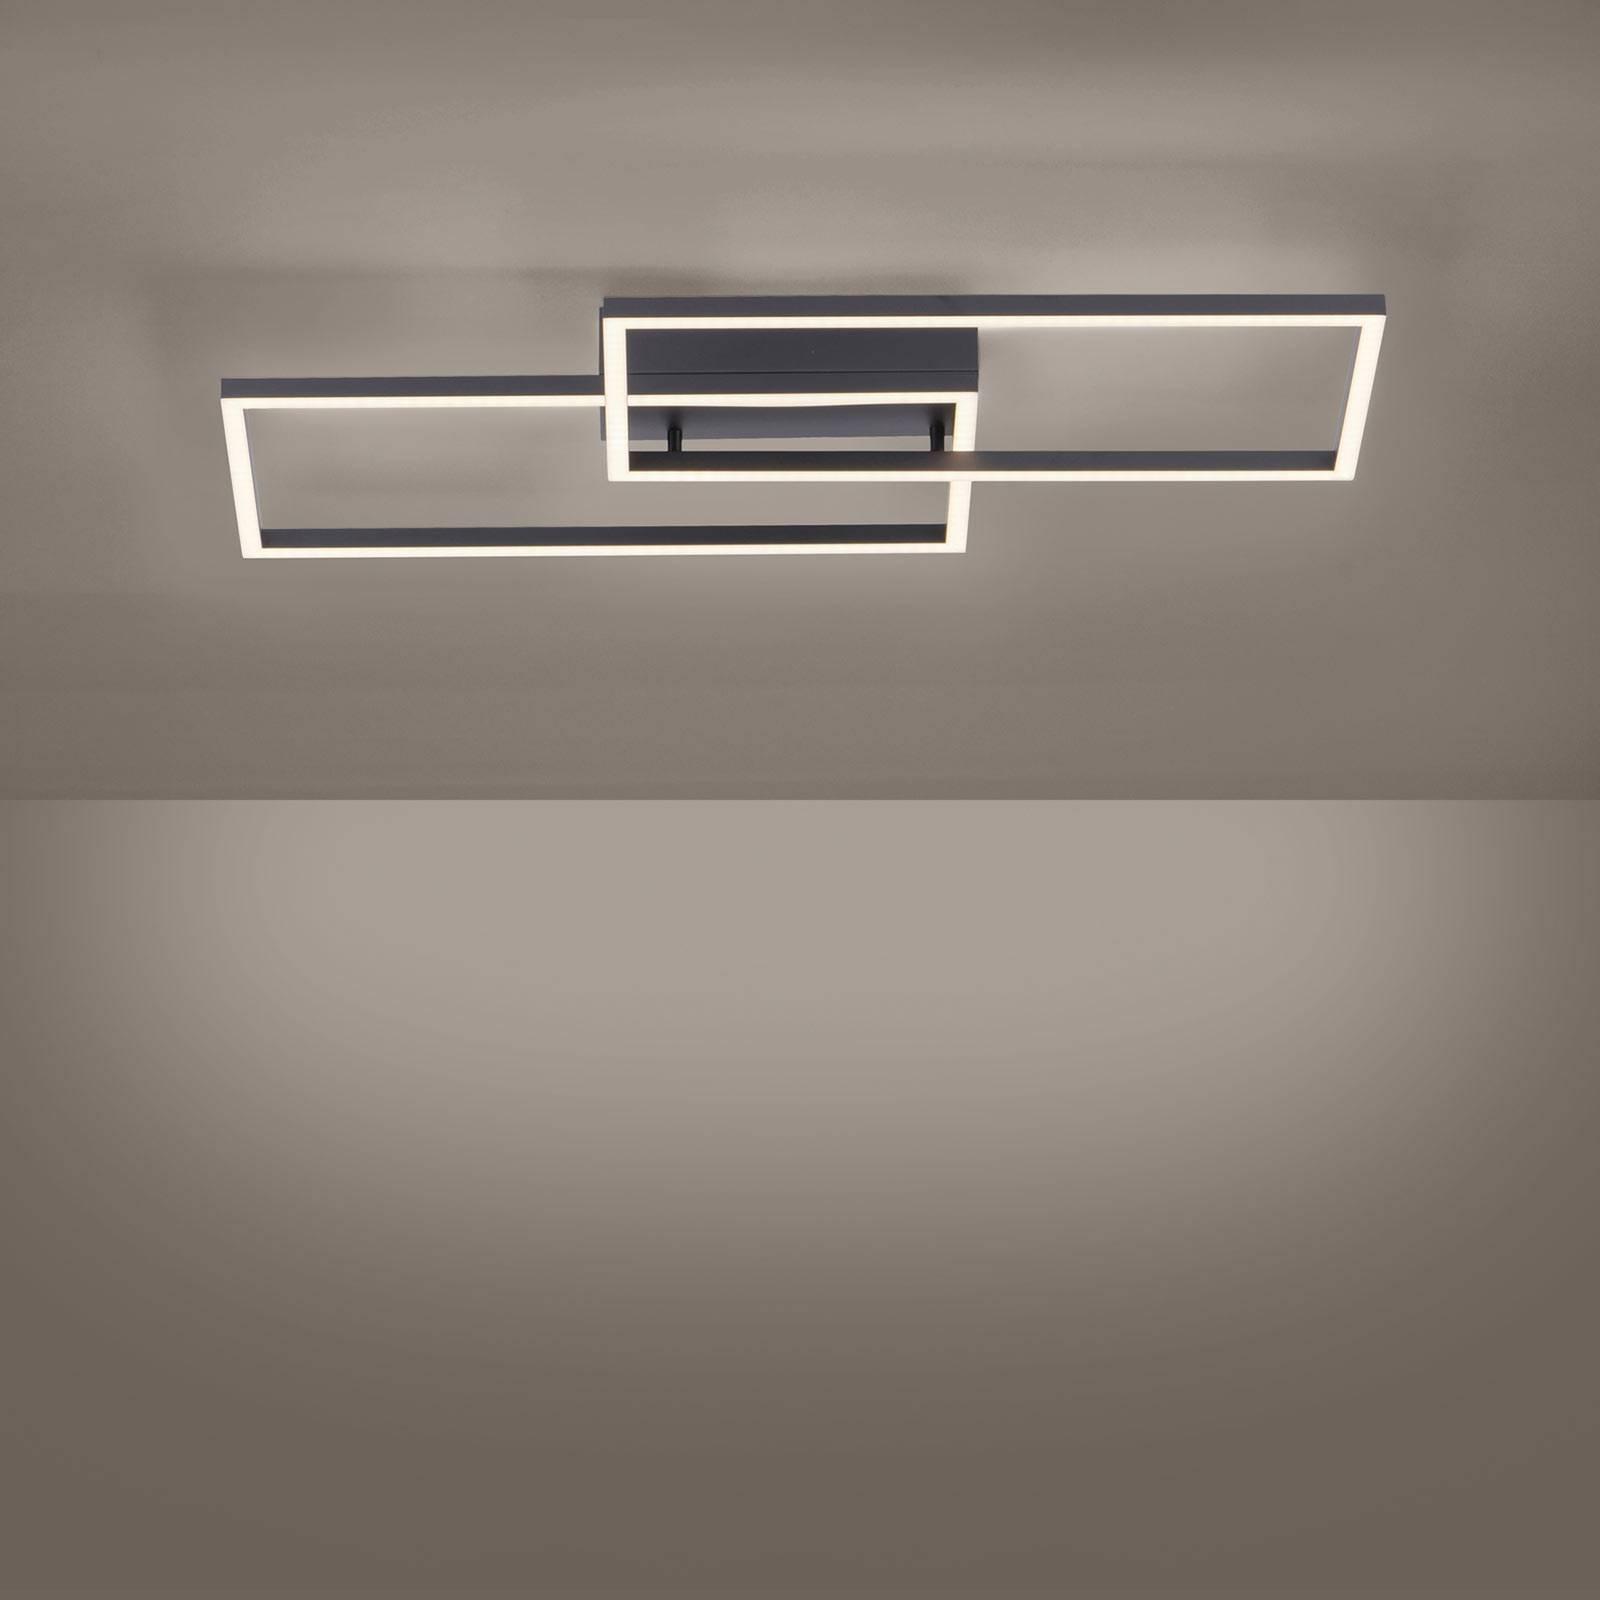 LED-Deckenleuchte Iven, schwarz 2-flammig Rechteck